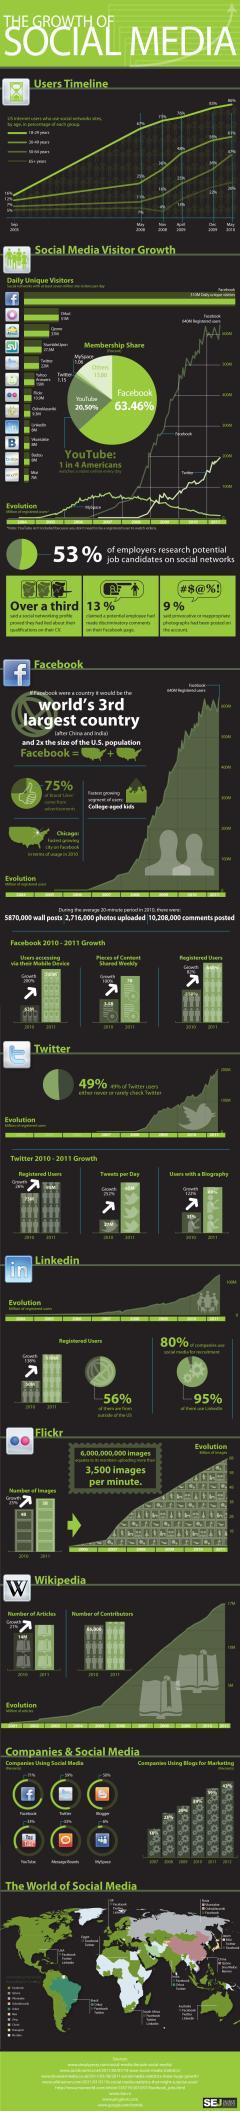 El crecimiento de las redes sociales – infografía